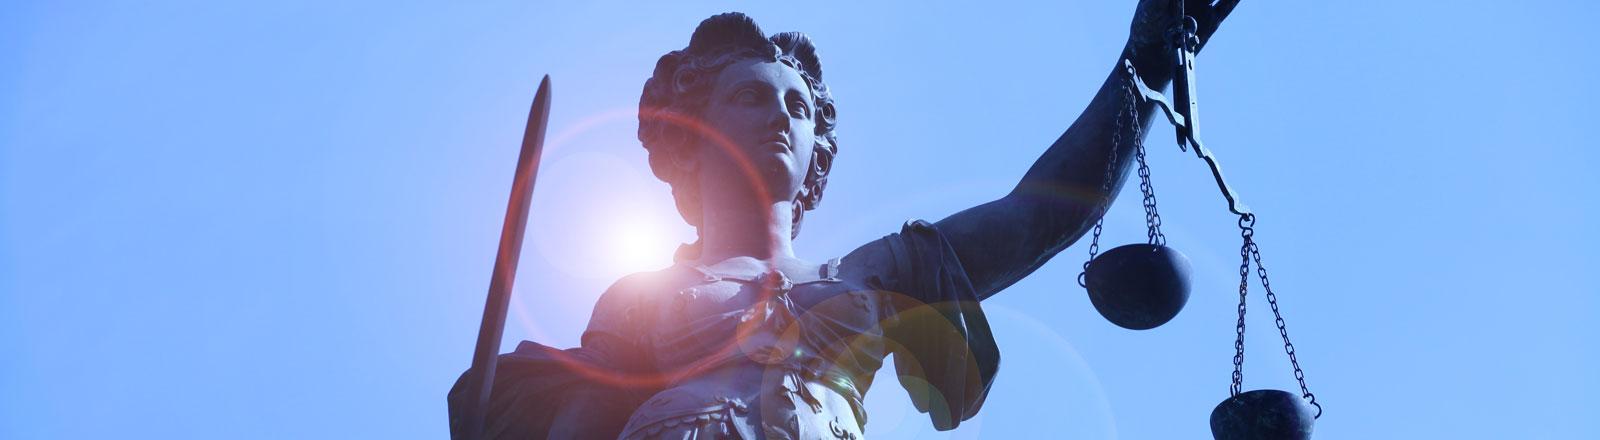 Die Göttin Justitia hält die Waage als Zeichen der Gerechtigkeit und das Richtschwert auf dem Gerechtigkeitsbrunnen auf dem Römer in Frankfurt am Main, aufgenommen am 03.04.2012.